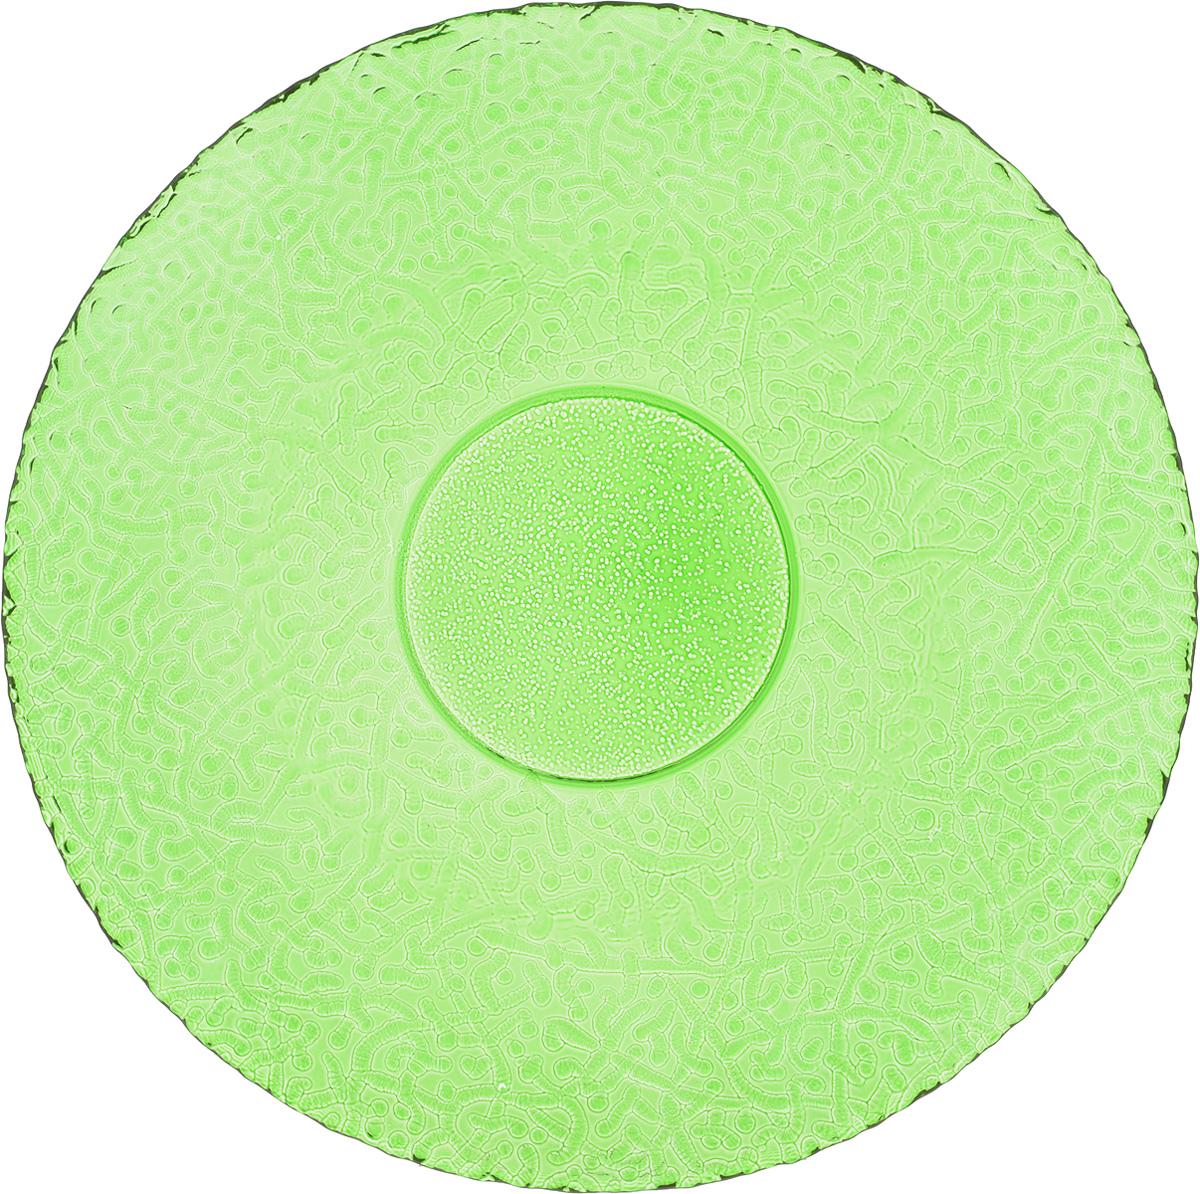 Тарелка NiNaGlass Ажур, цвет: зеленый, диаметр 26 см115510Тарелка NiNaGlass Ажур выполнена из высококачественного стекла и имеет рельефную внешнюю поверхность. Она прекрасно впишется в интерьер вашей кухни и станет достойным дополнением к кухонному инвентарю. Тарелка NiNaGlass Ажур подчеркнет прекрасный вкус хозяйки и станет отличным подарком.Диаметр тарелки: 26 см.Высота: 3 см.